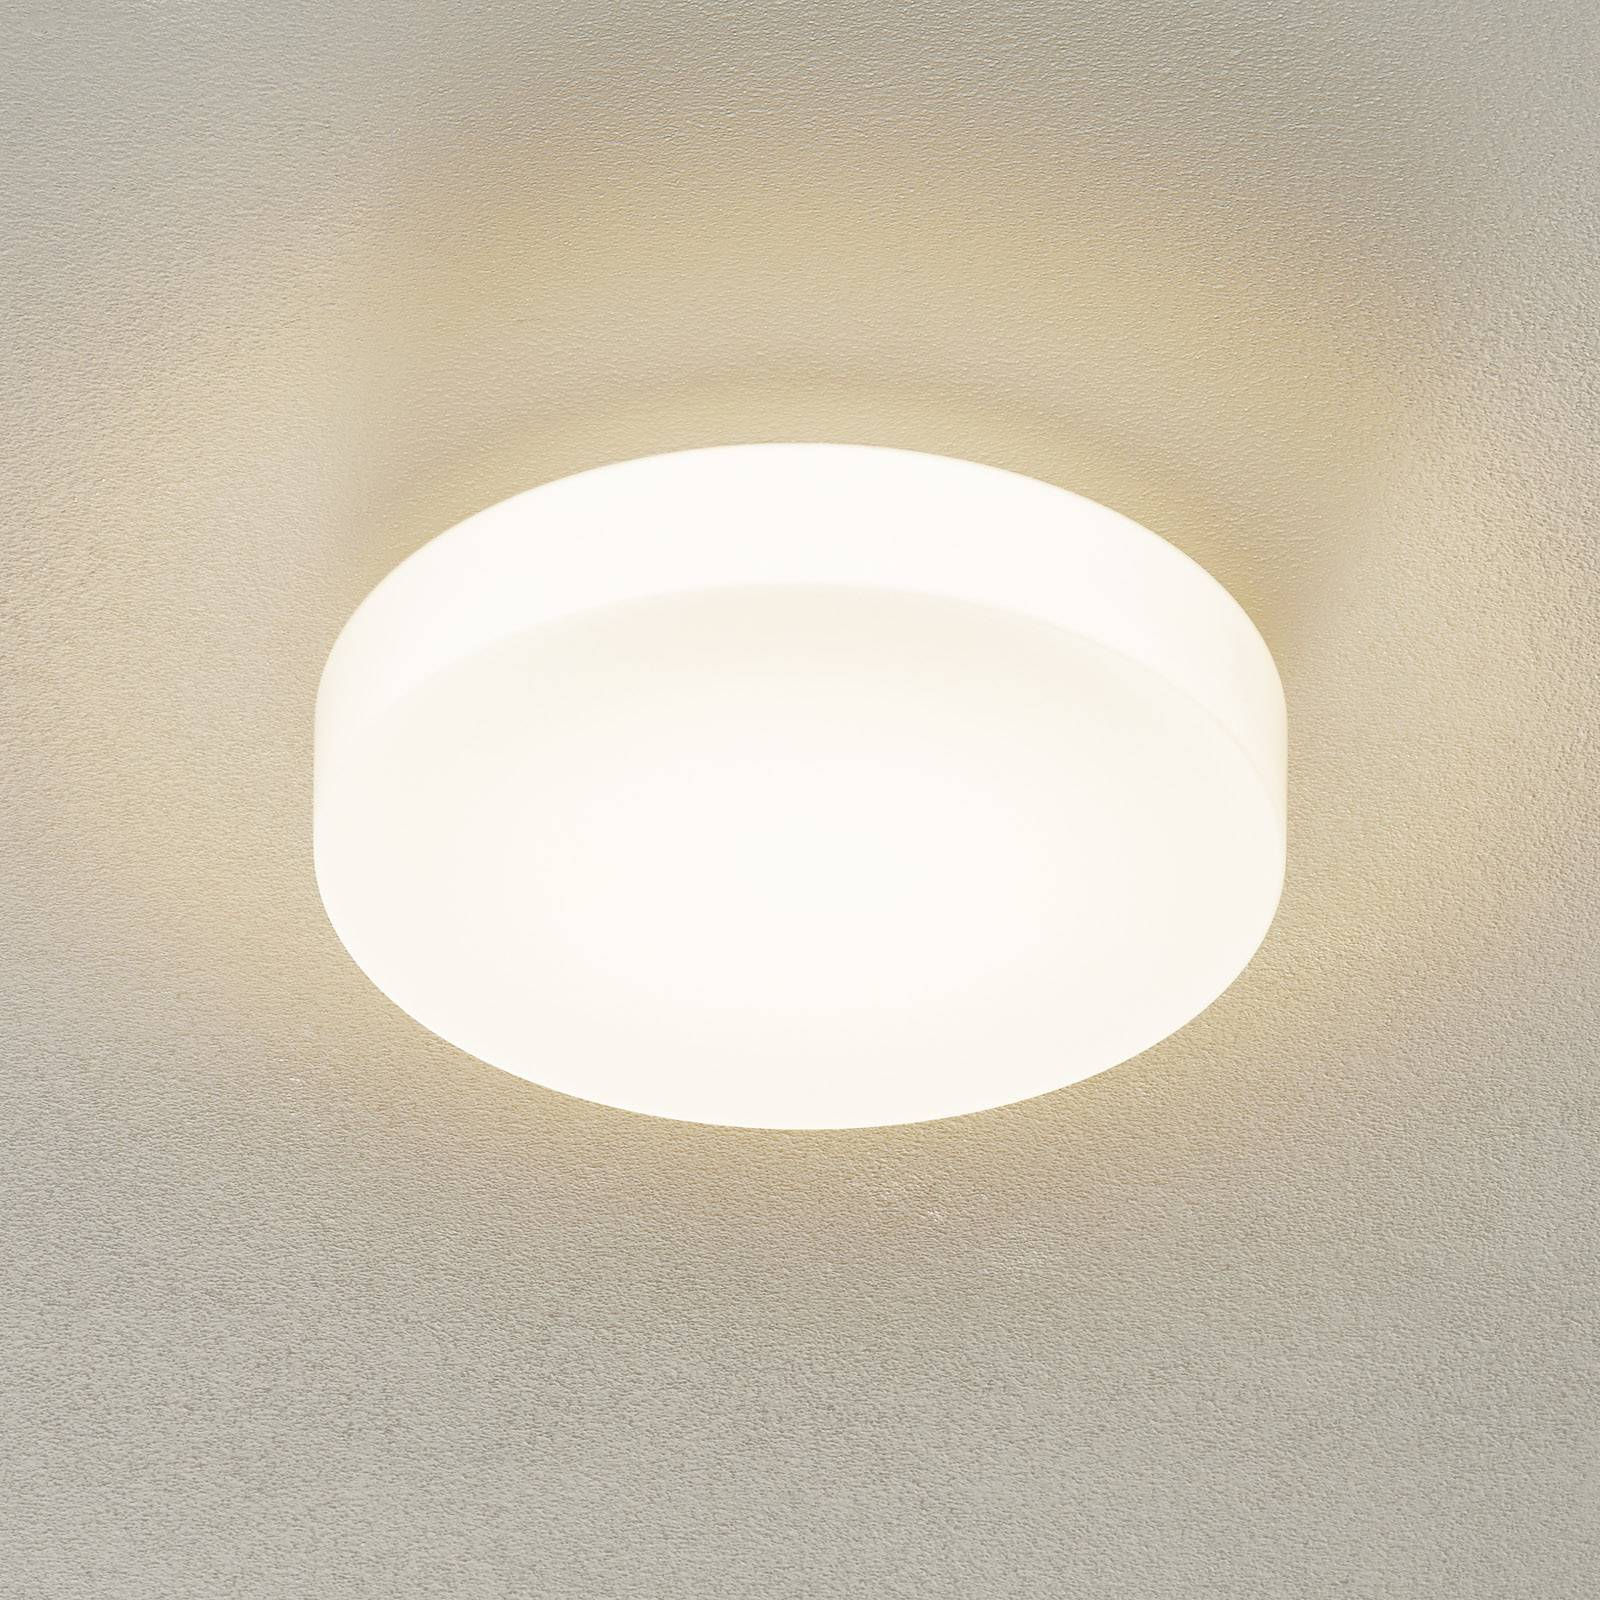 BEGA 34287 LED-kattovalaisin lasi DALI 3000K Ø34cm